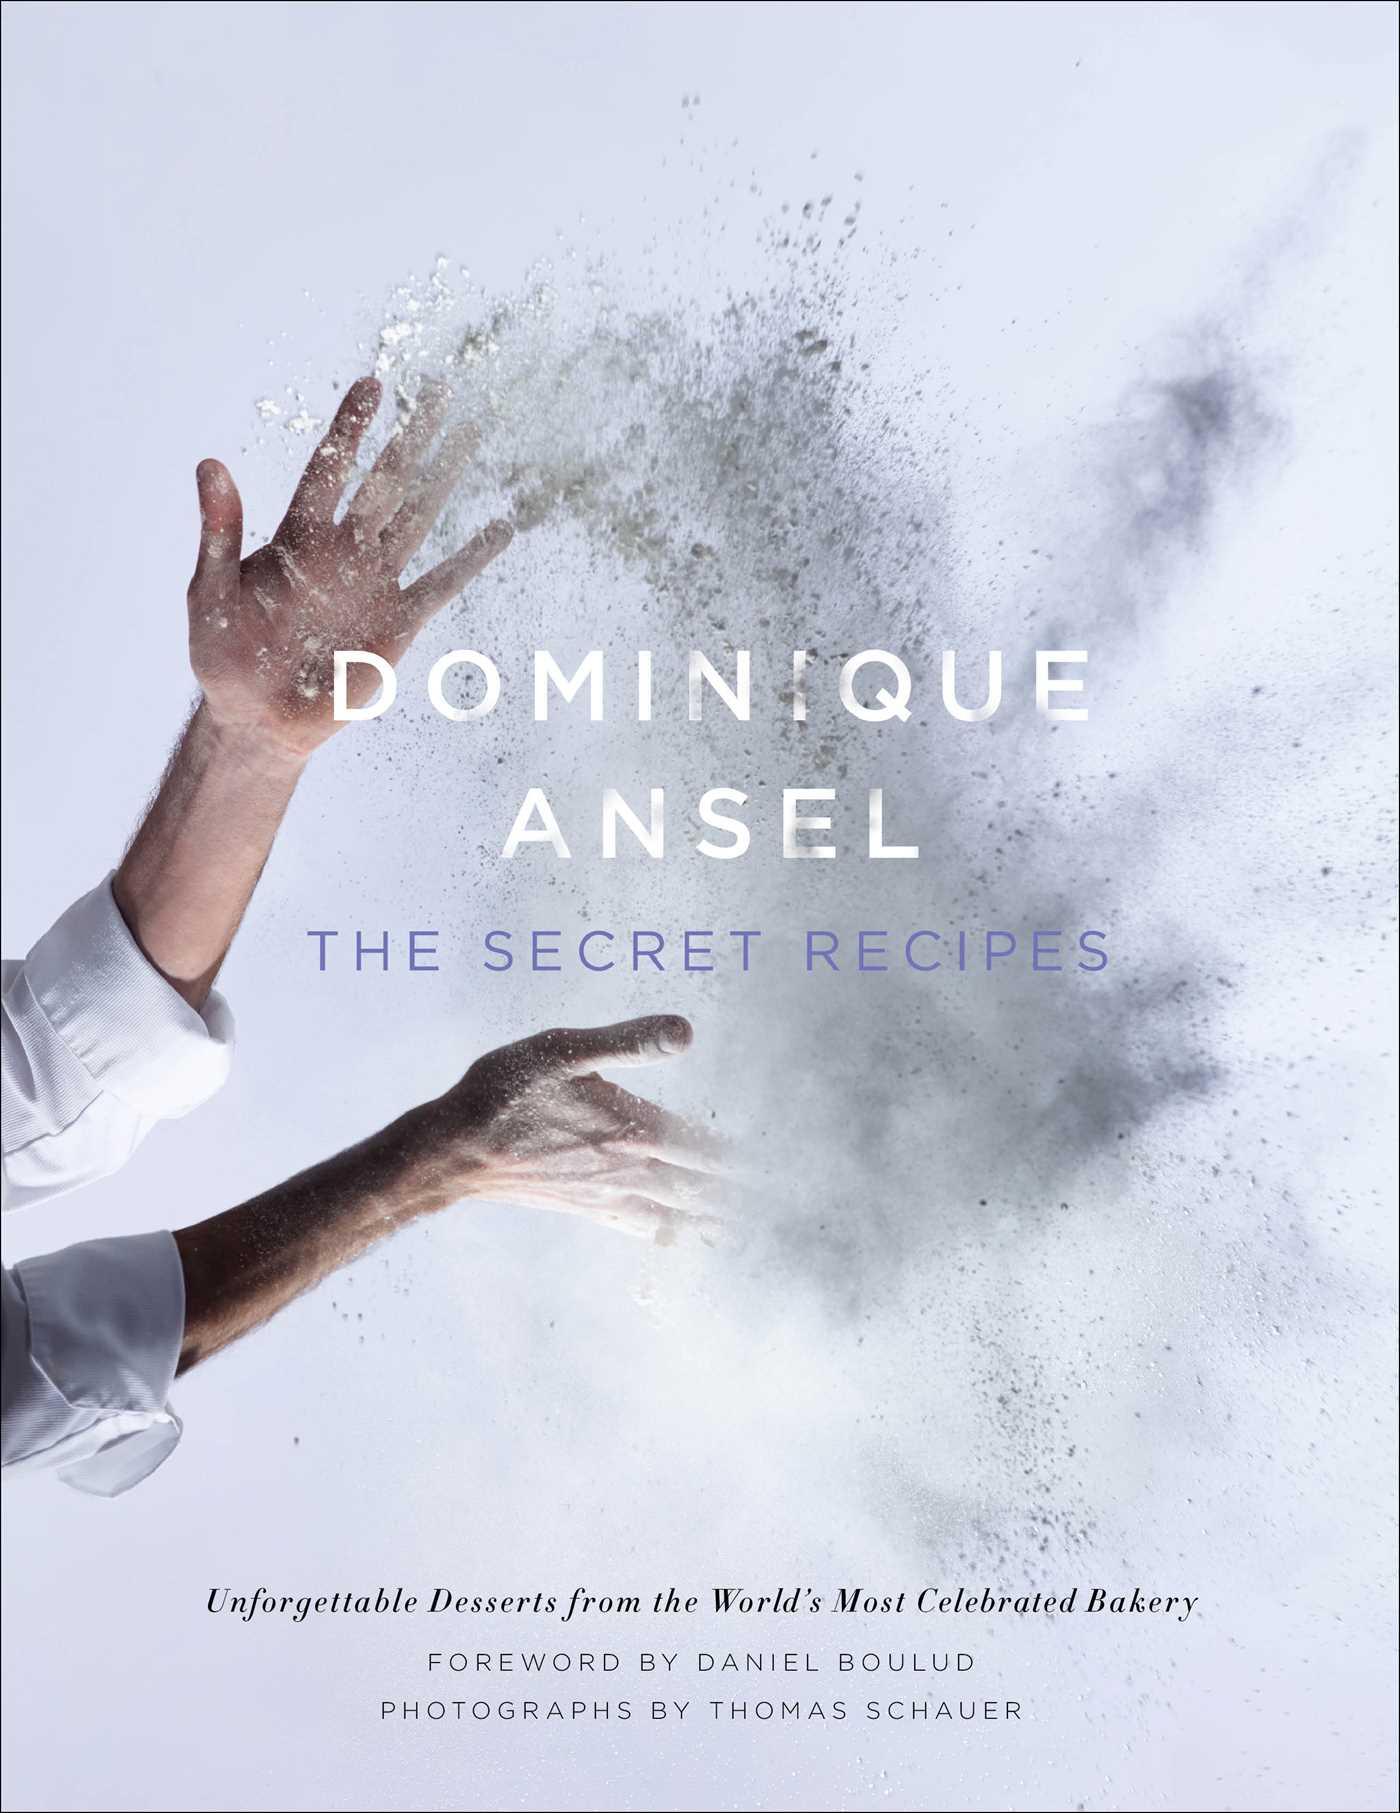 Dominique ansel 9781476764191 hr